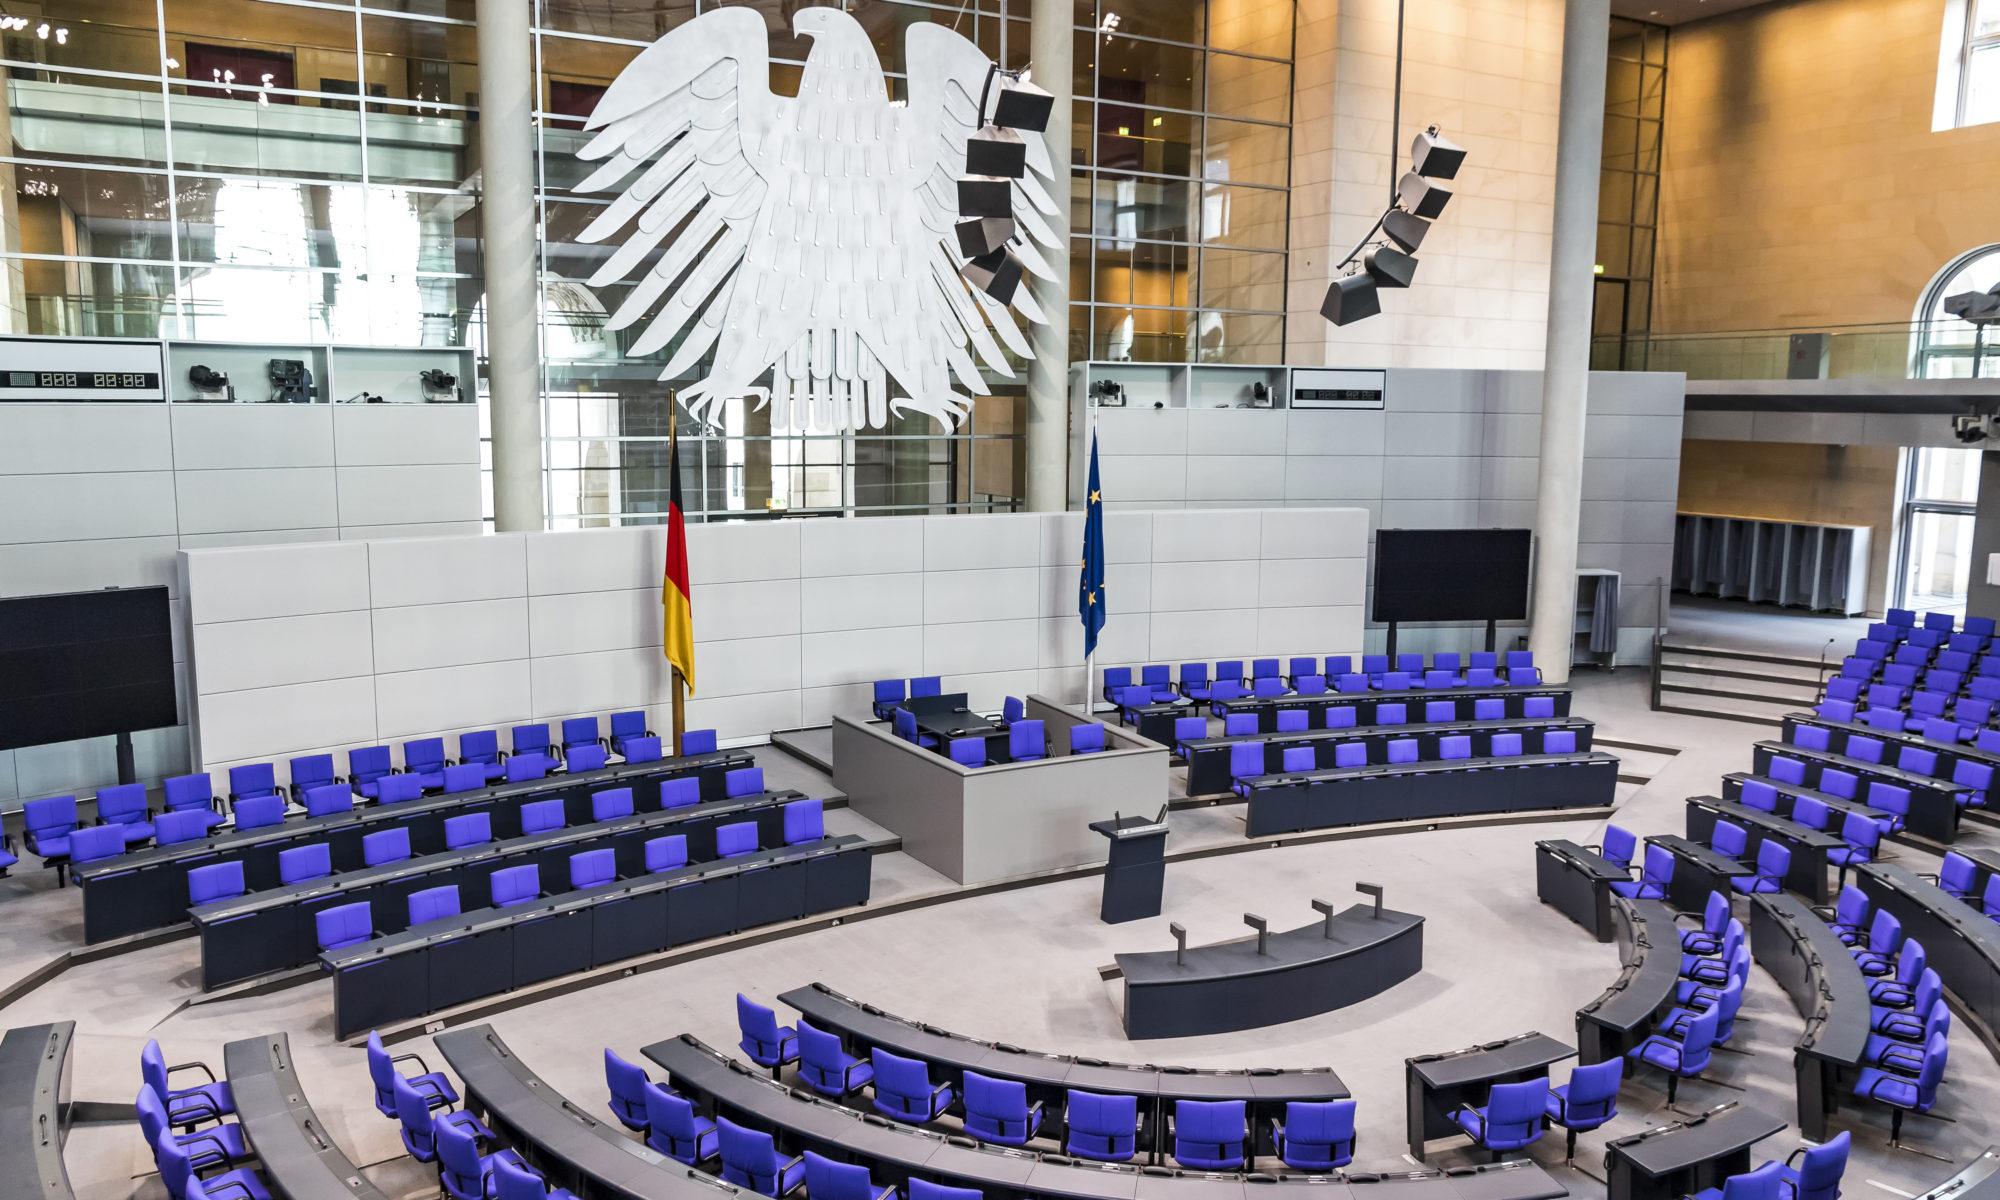 AdobeStock 336495494 Editorial Use Only 2000x1200 - Hartz IV: Der Bundestag lehnte eine Corona-Sonderzahlung für ALG-II Bezieher ab